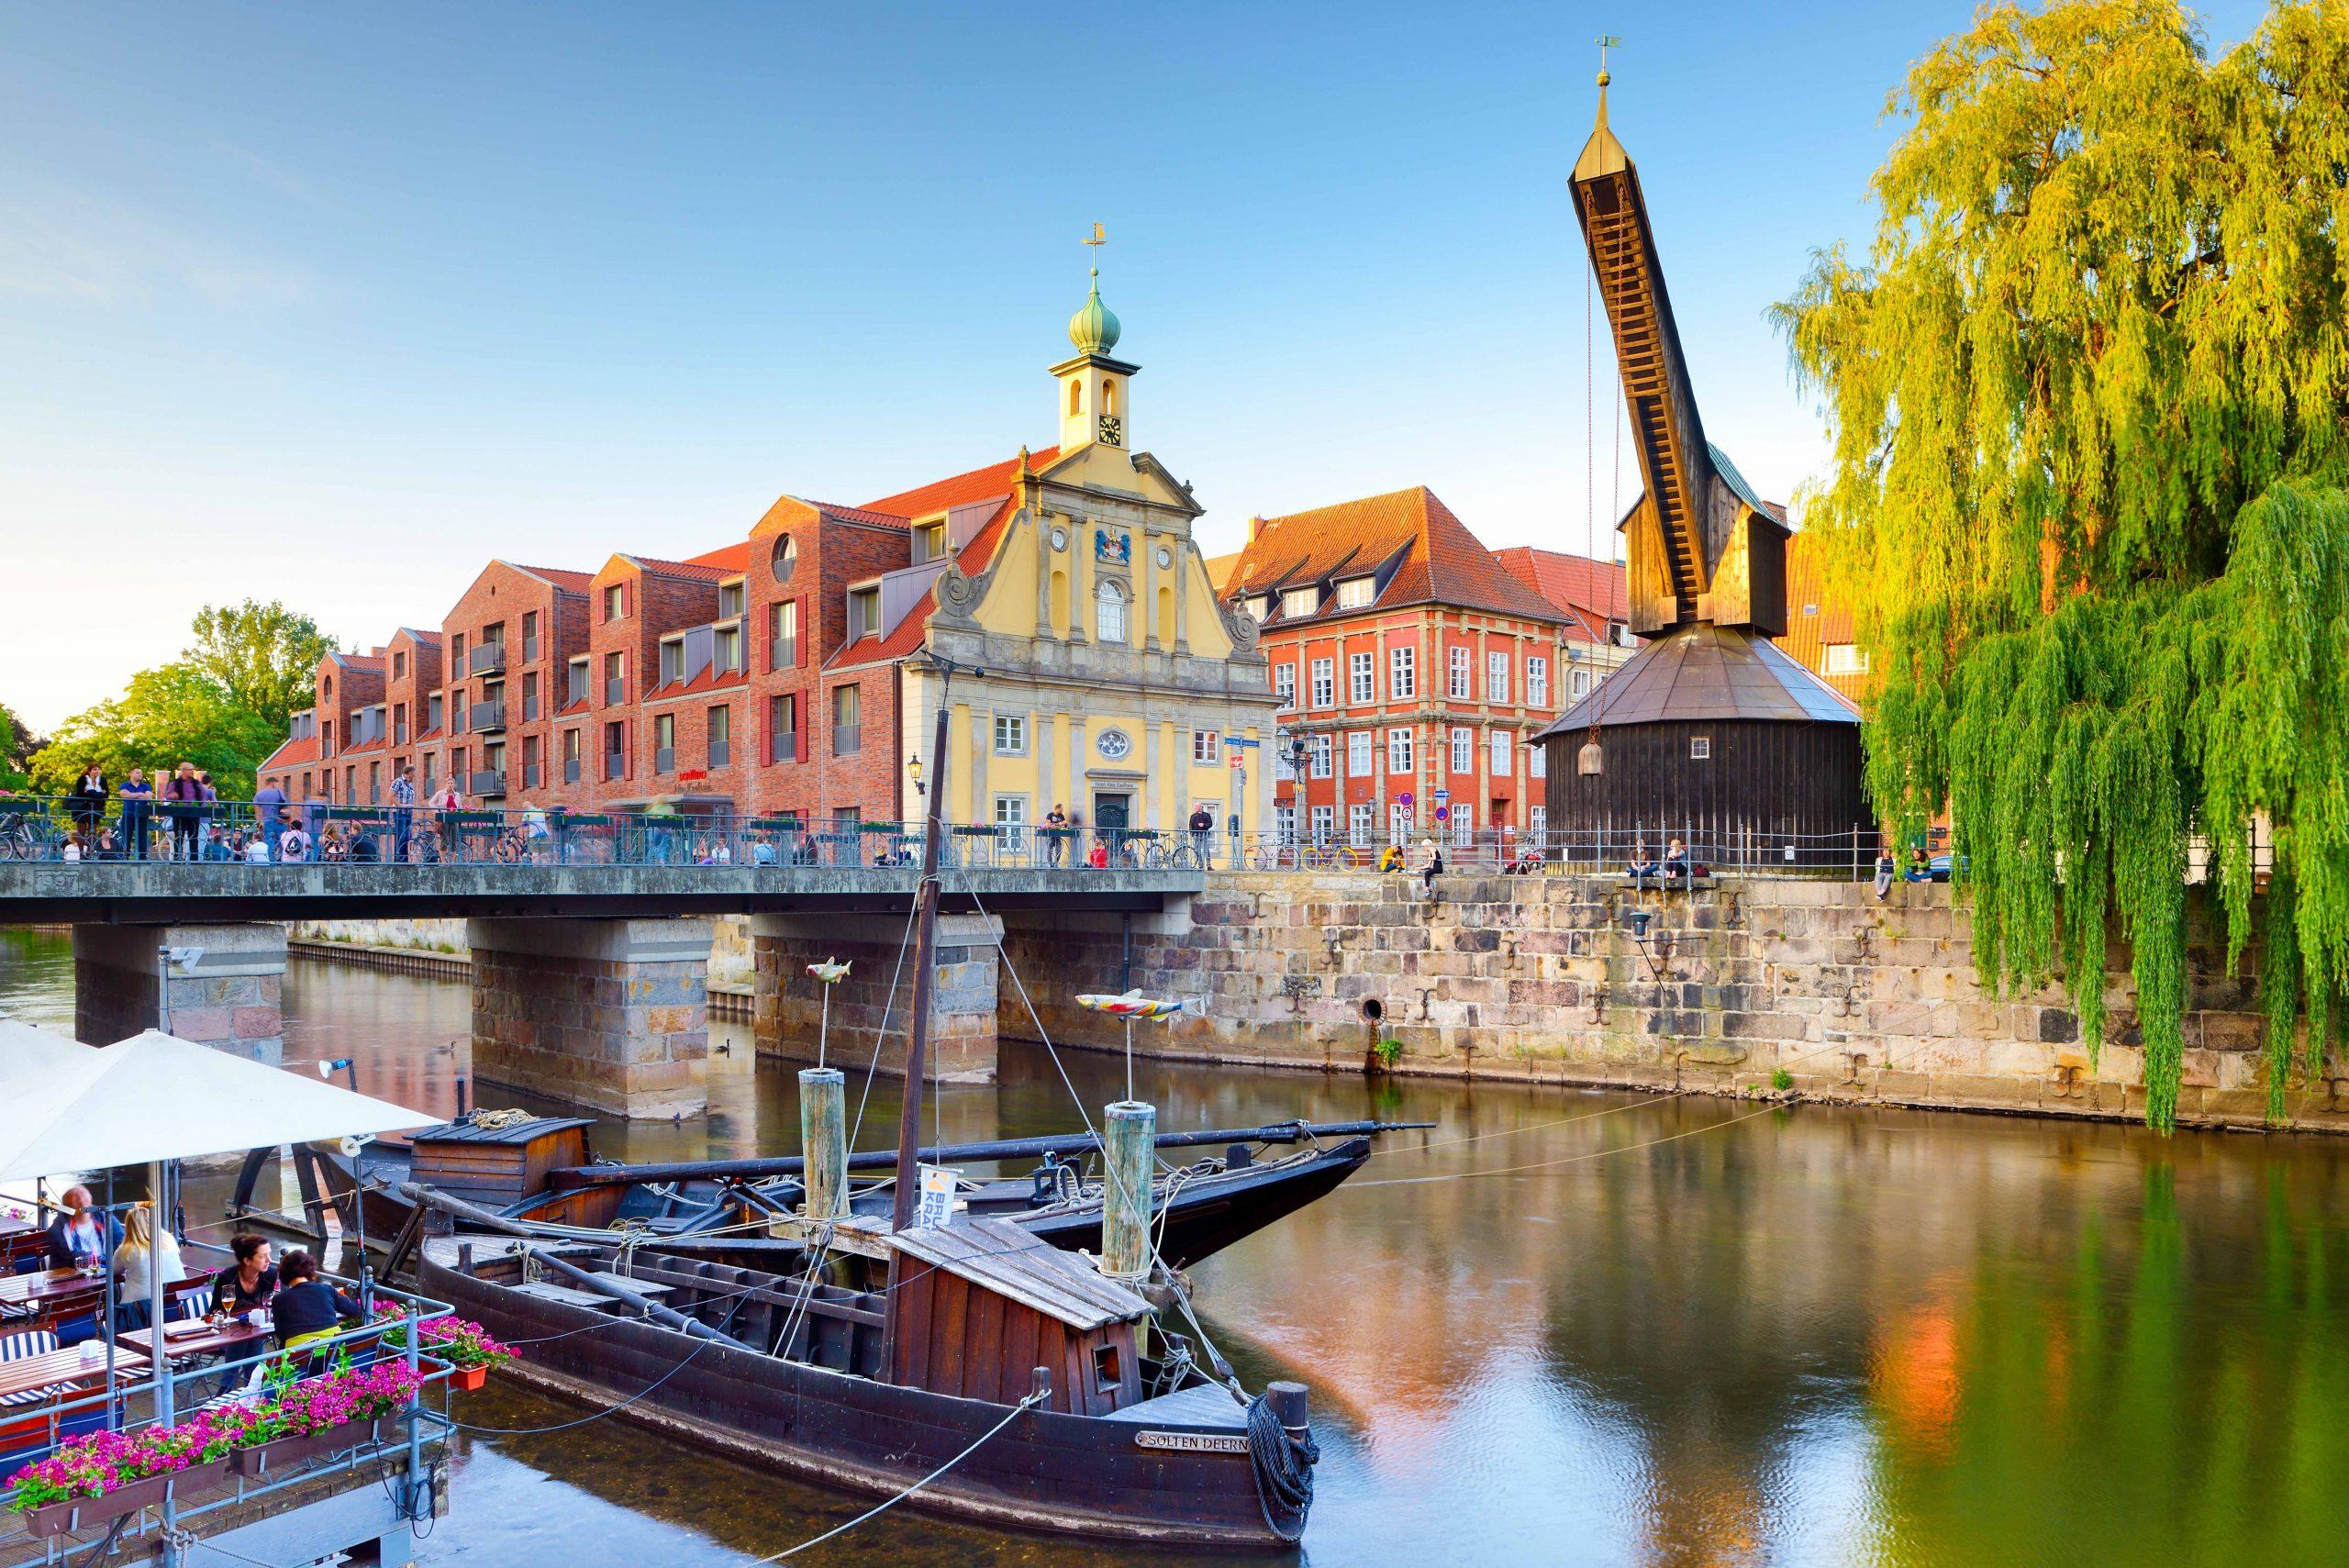 Der er stigende efterspørgsel for Europa-rejser, men endnu er rejsebureauerne ikke lagt ned. Et land der meget gerne må åbne snart, er Tyskland, her arkivpressefoto fra Lüneburg. Foto: Francesco Carovillano for DZT, Tysklands nationale turistråd.